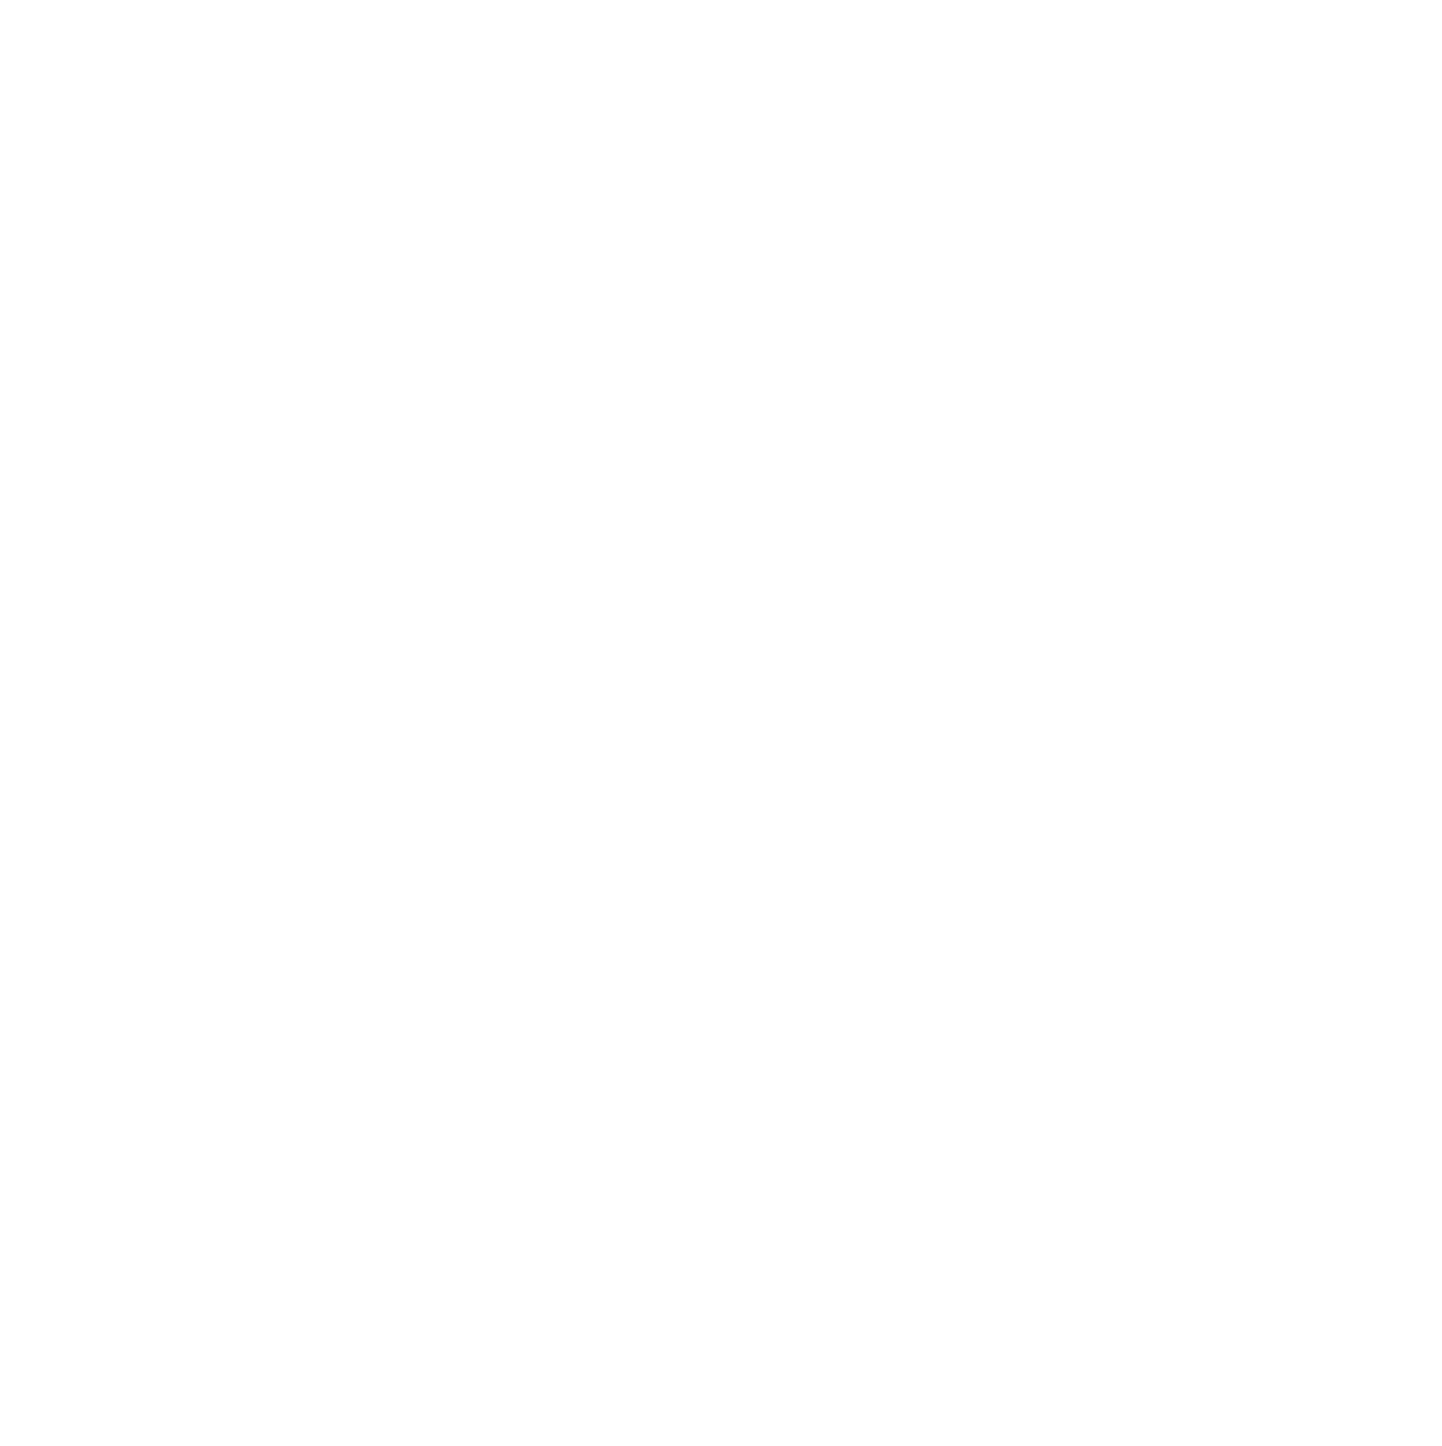 carte-pass-asbh-beziers-banque-assurance